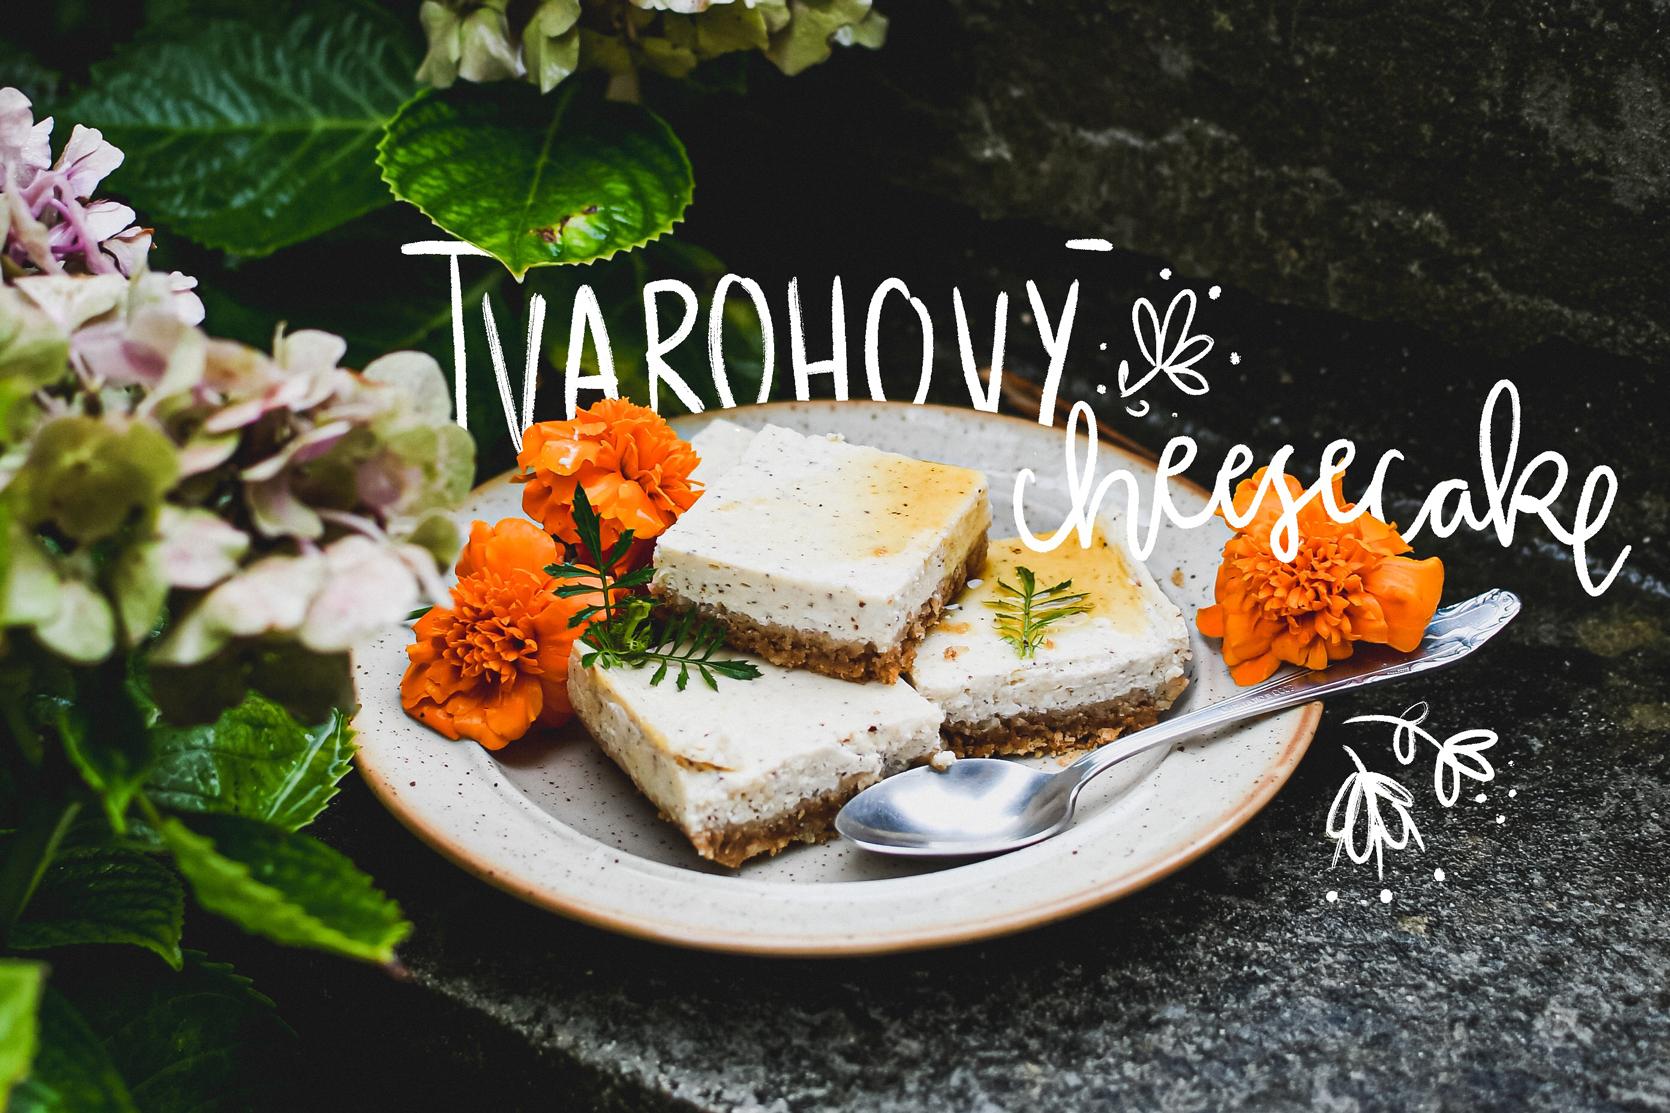 tvarohovy-cheesecake